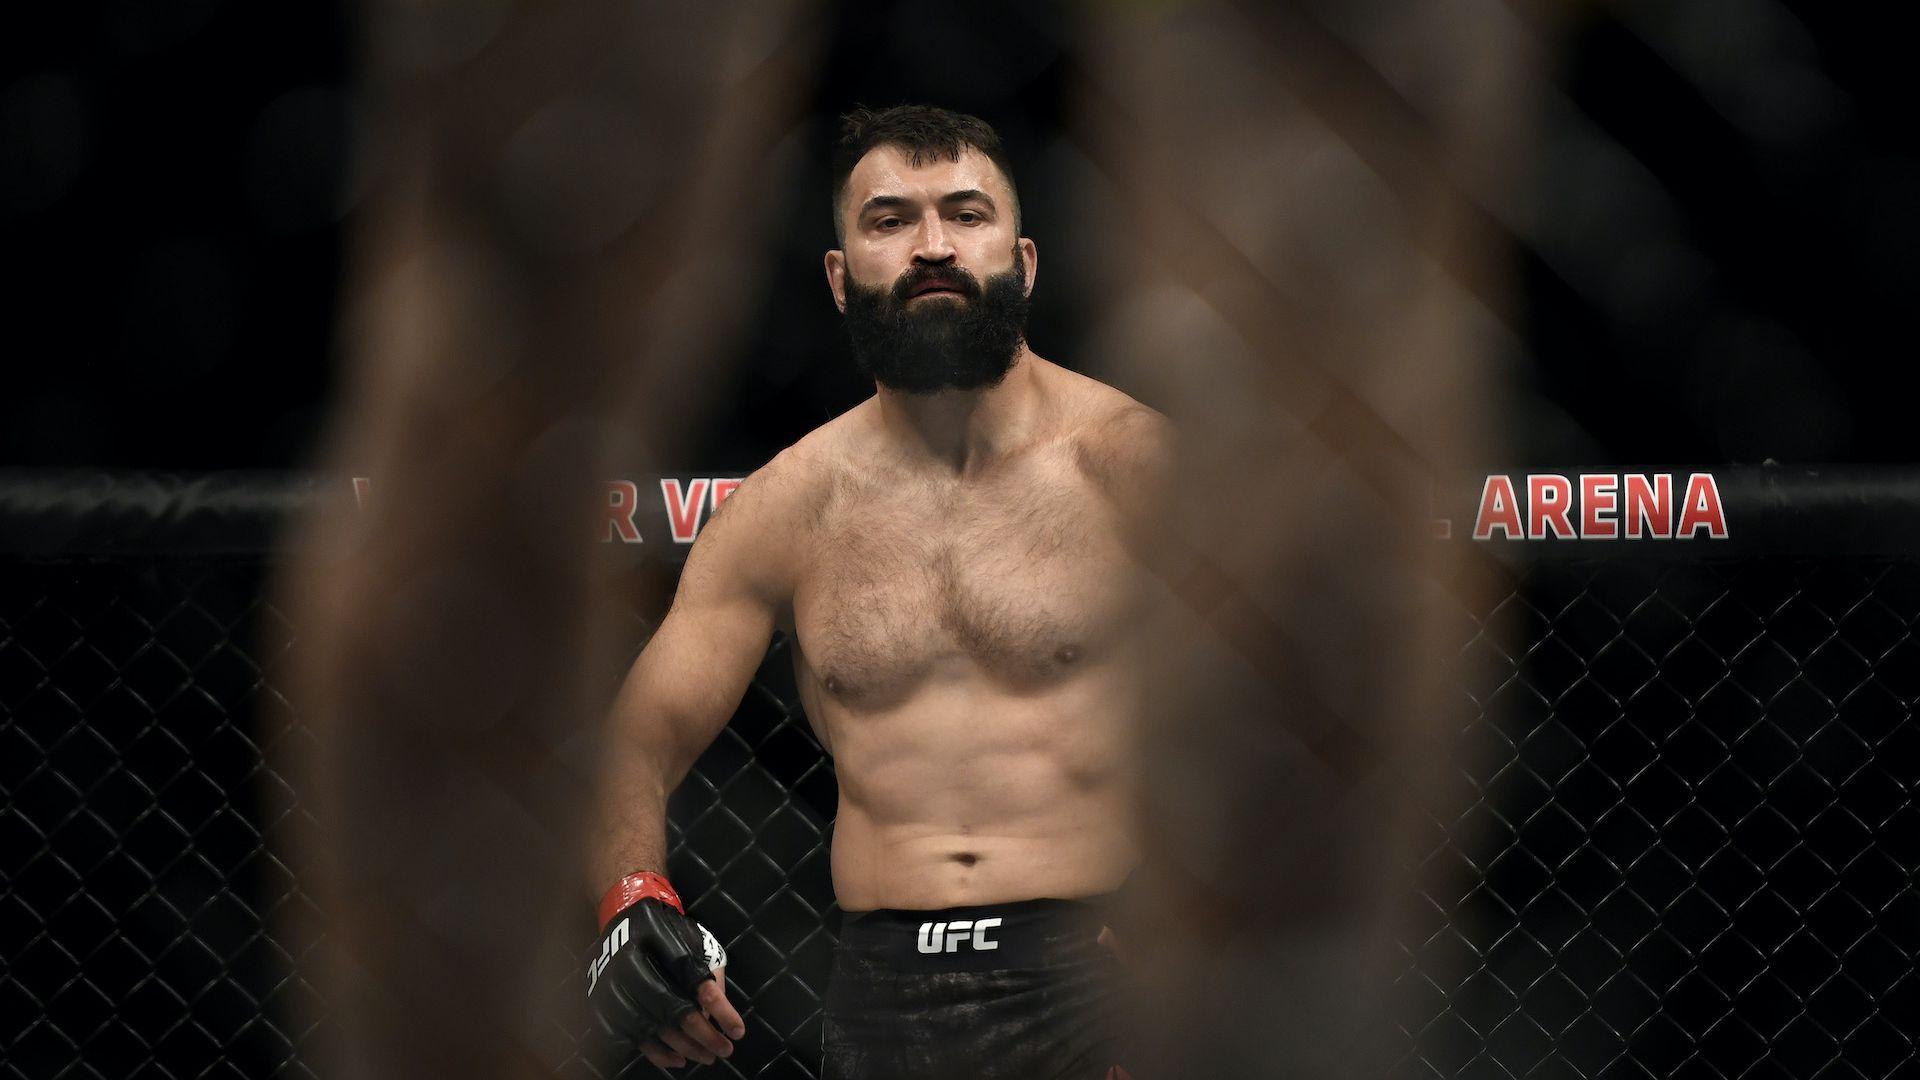 Бивш шампион от UFC призна, че залага пари на себе си, когато се бие